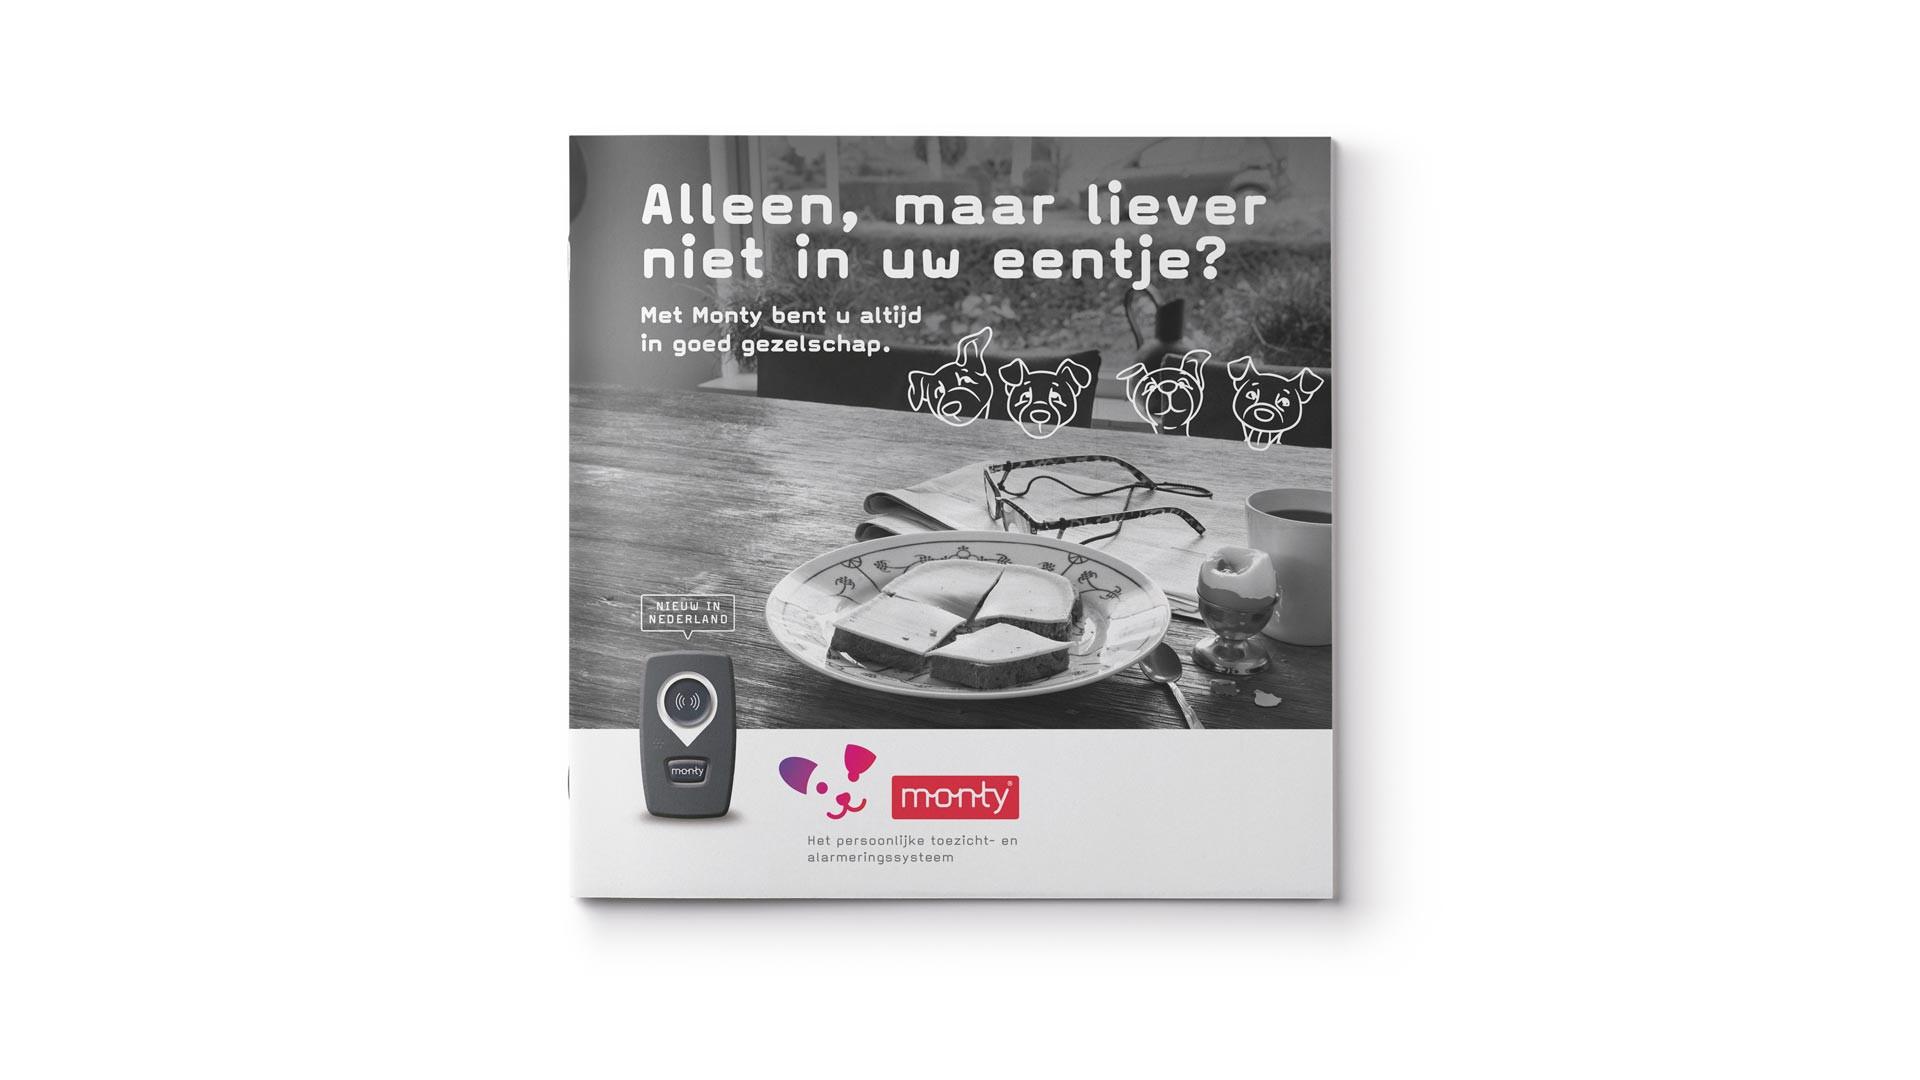 Monty-brochure-01.jpg